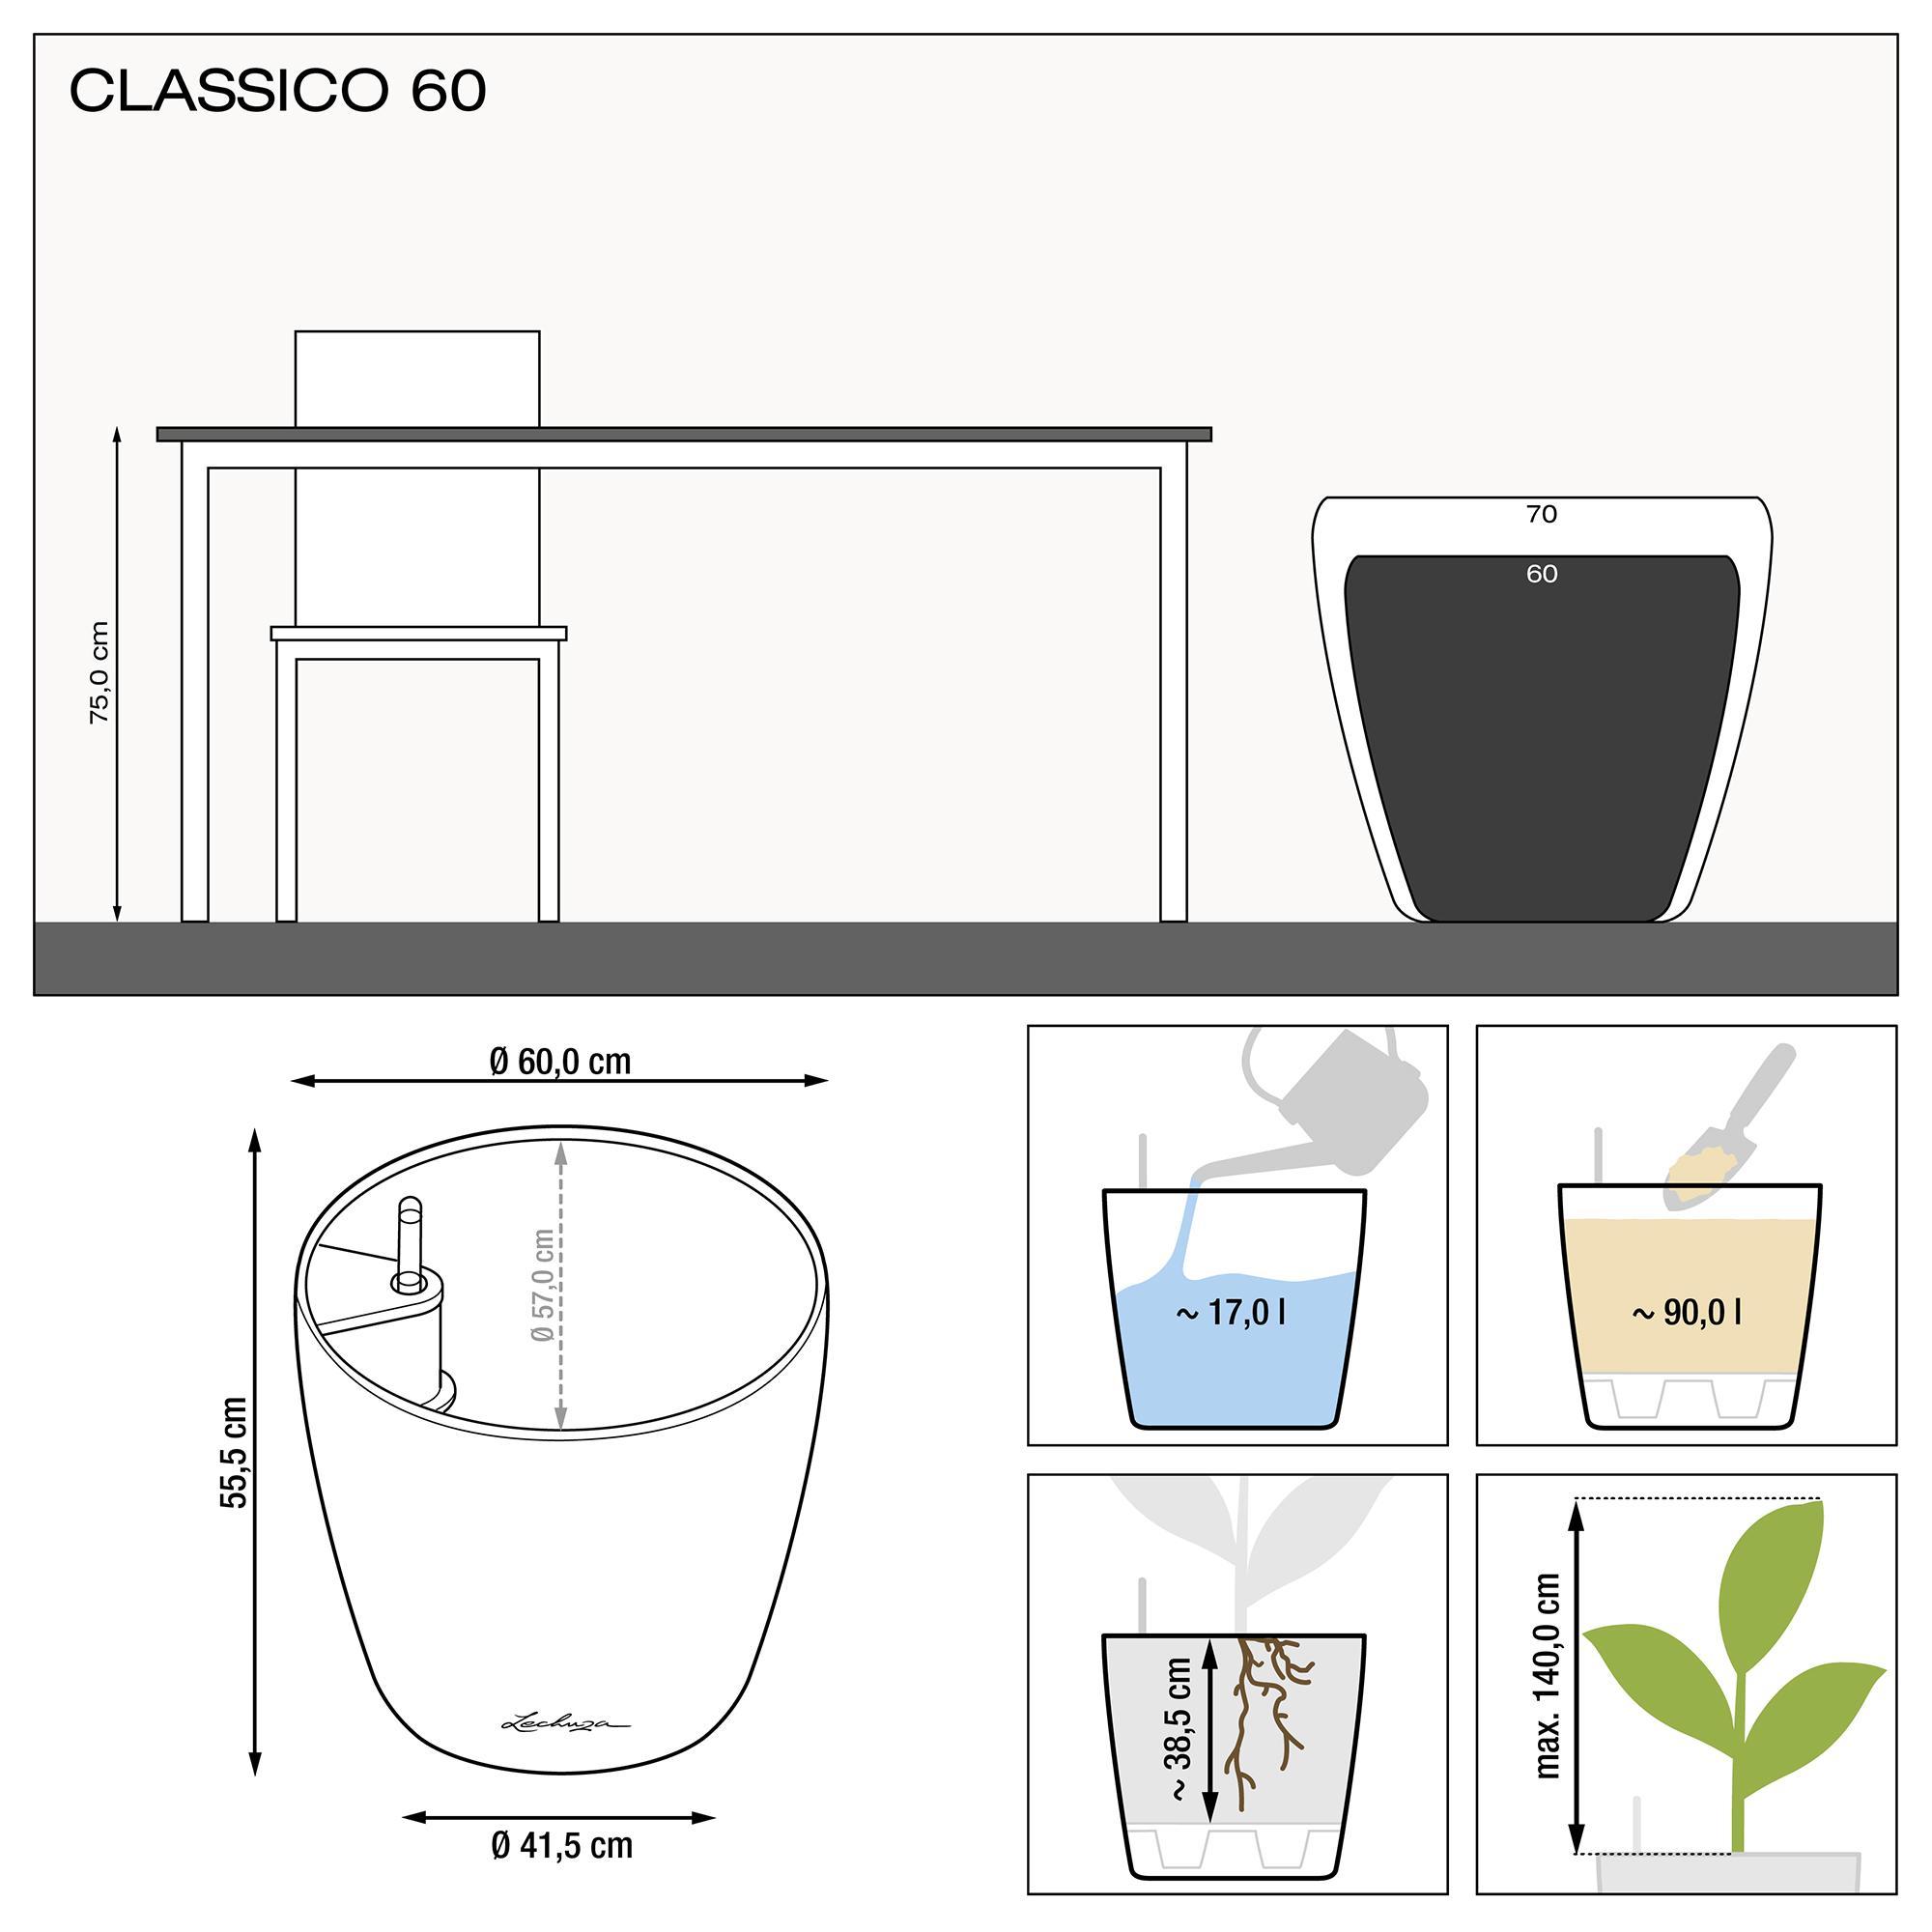 CLASSICO 60 shiny taupe - Image 2